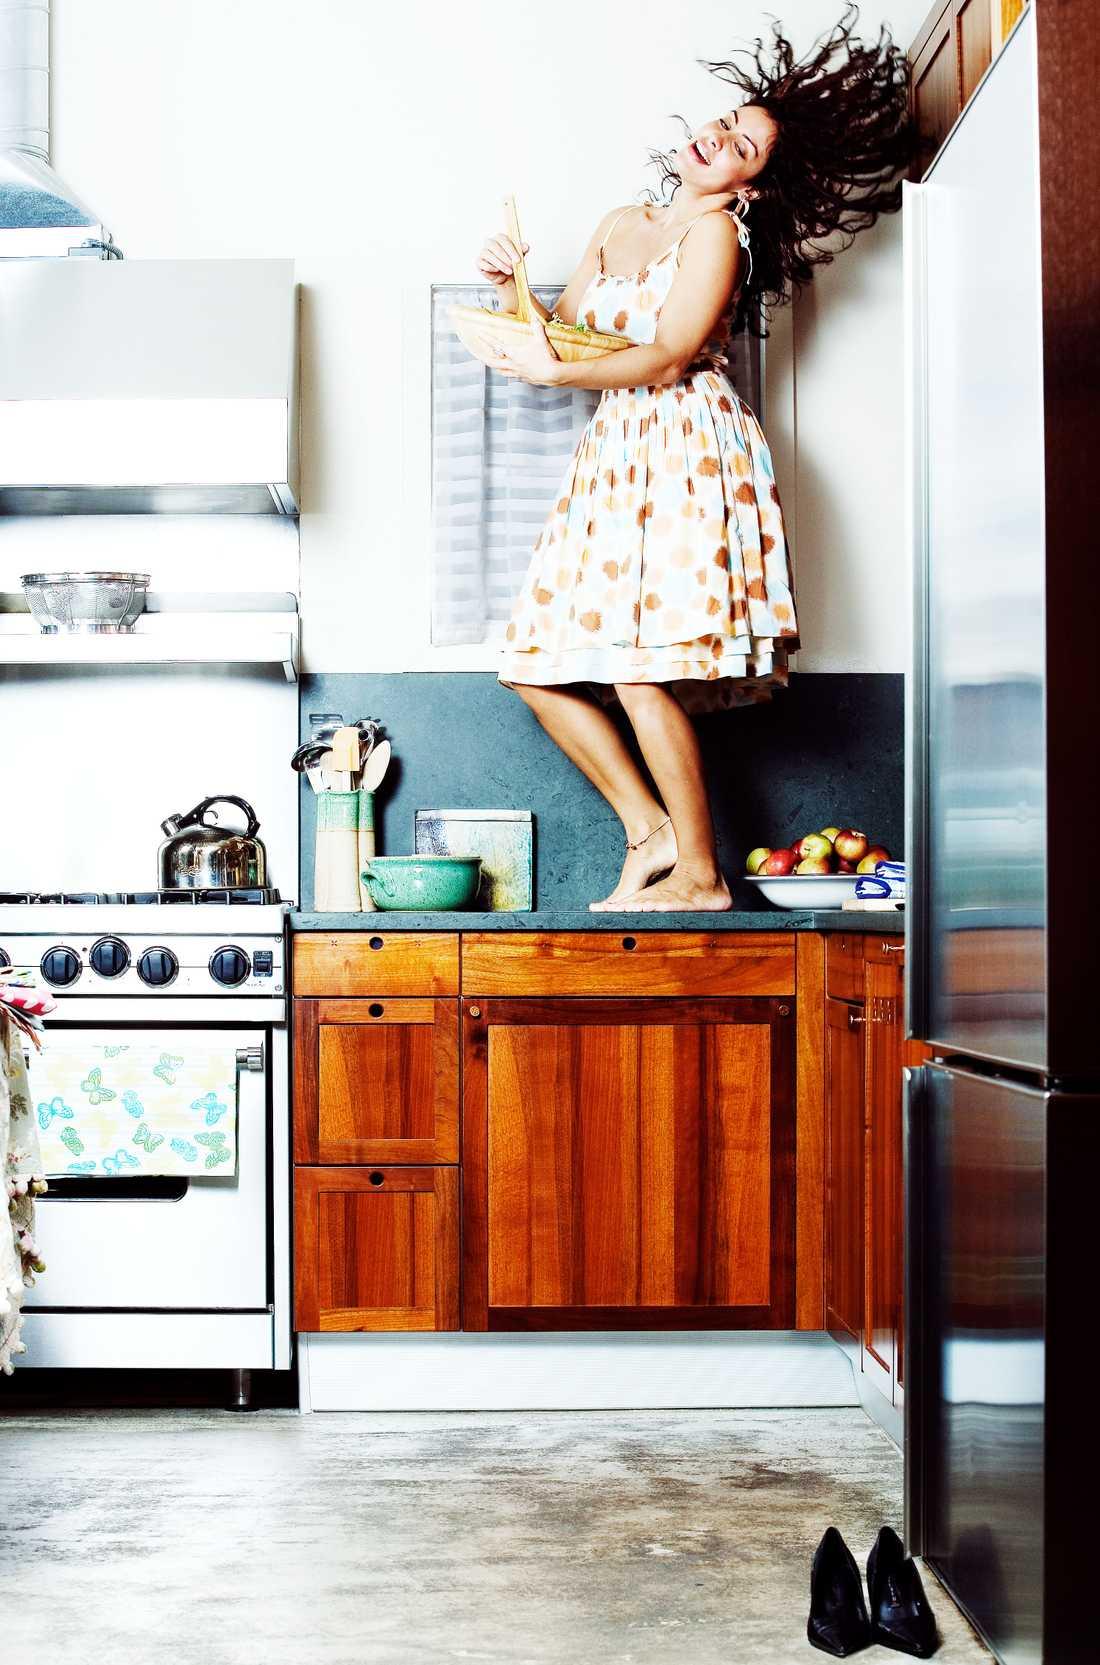 Psst! Vem har sagt att man endast får dansa på bordet på helgerna? Mat lagas bäst med en skopa kärlek.